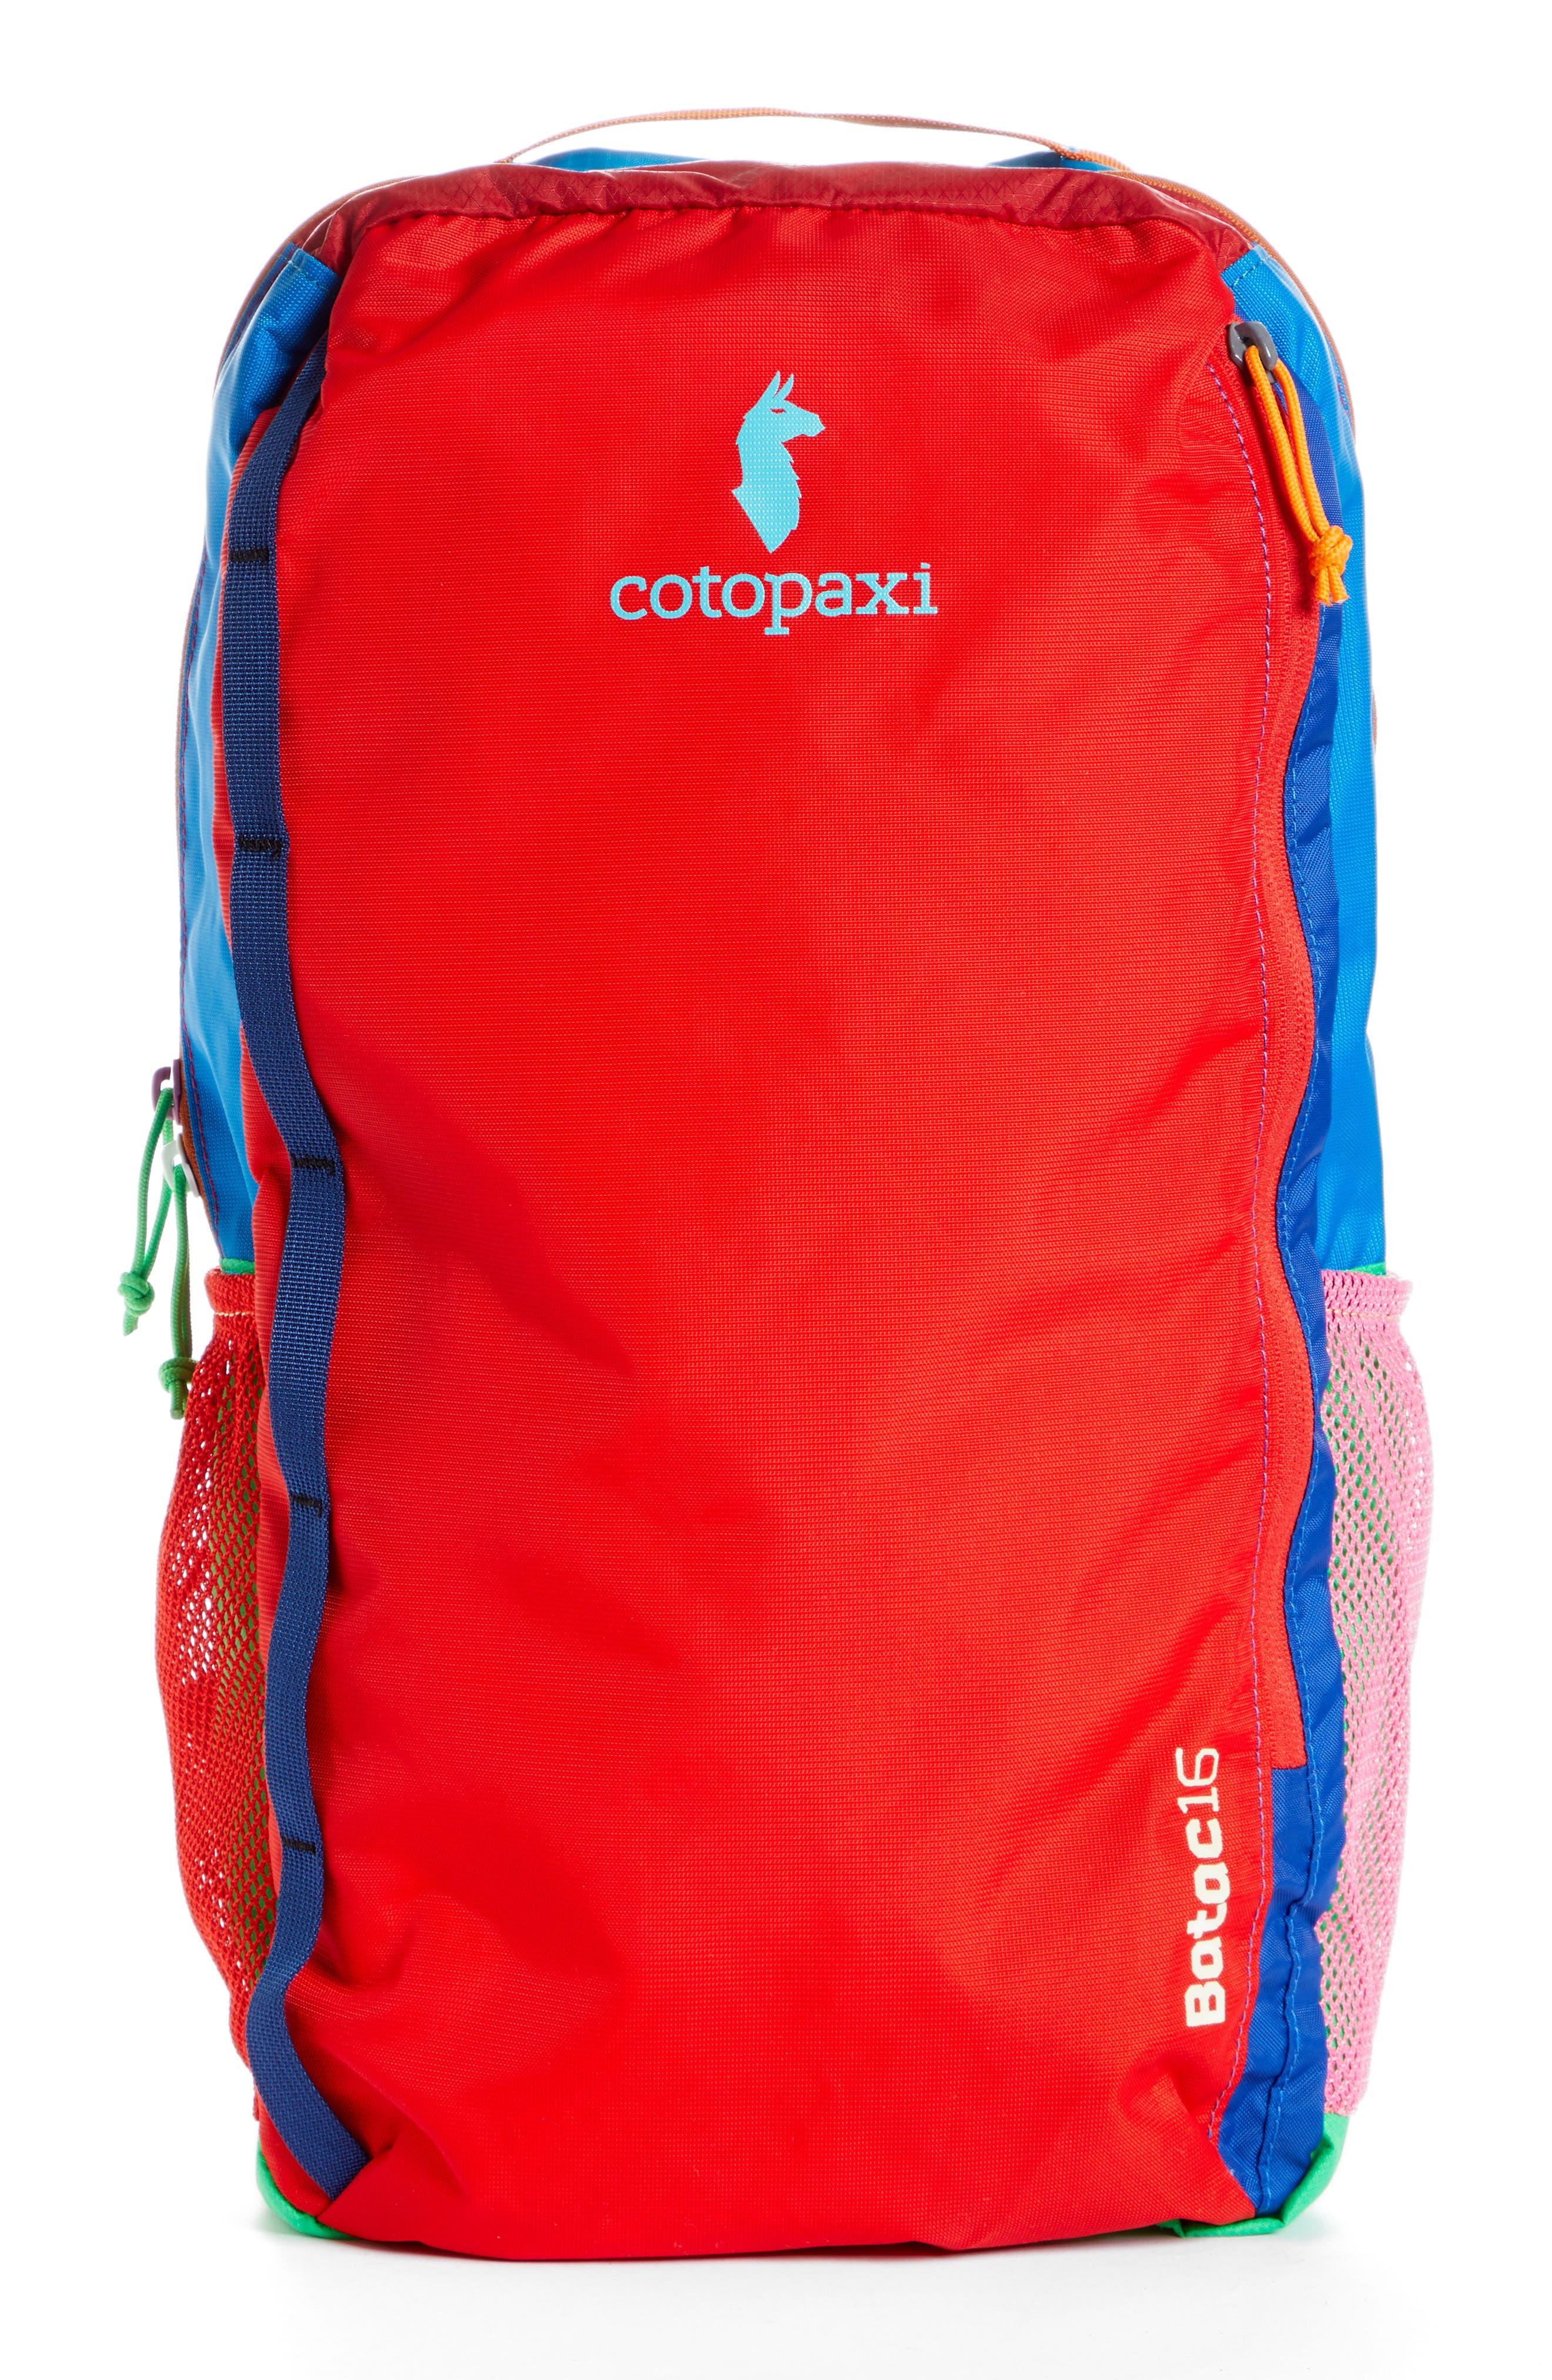 Cotopaxi Batac 16L Backpack - Orange